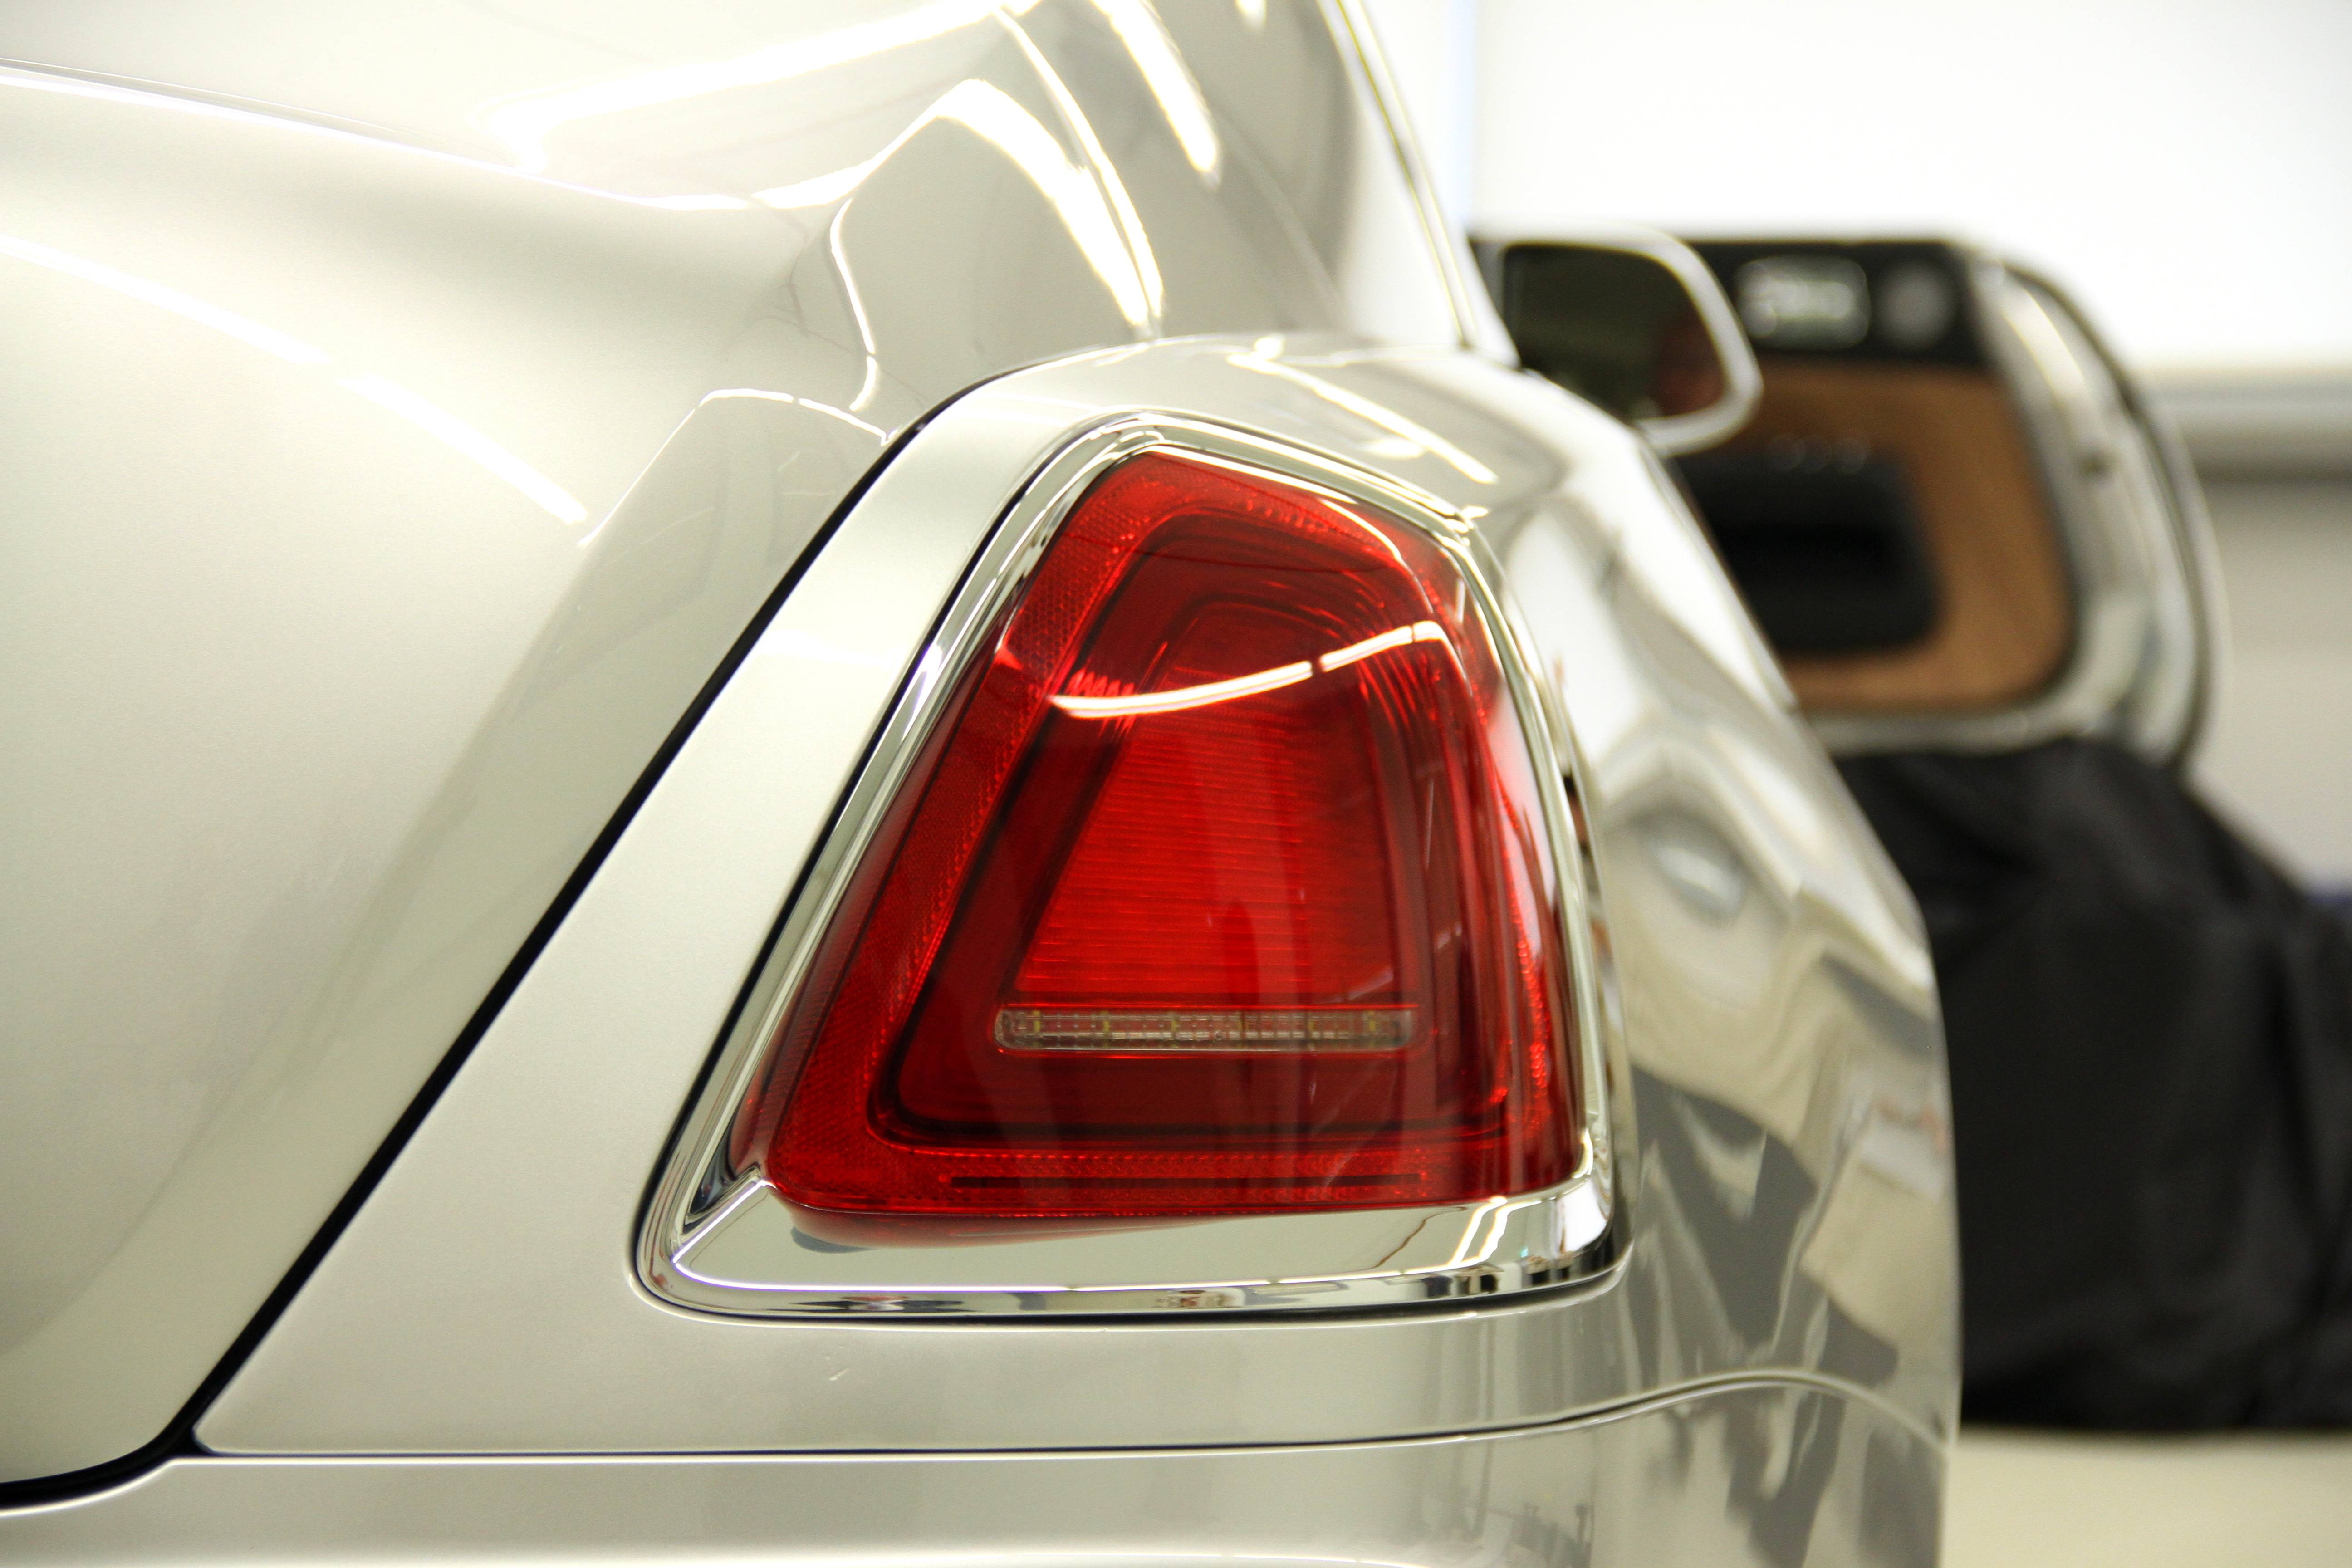 Rolls Royce Wraith Rear Light